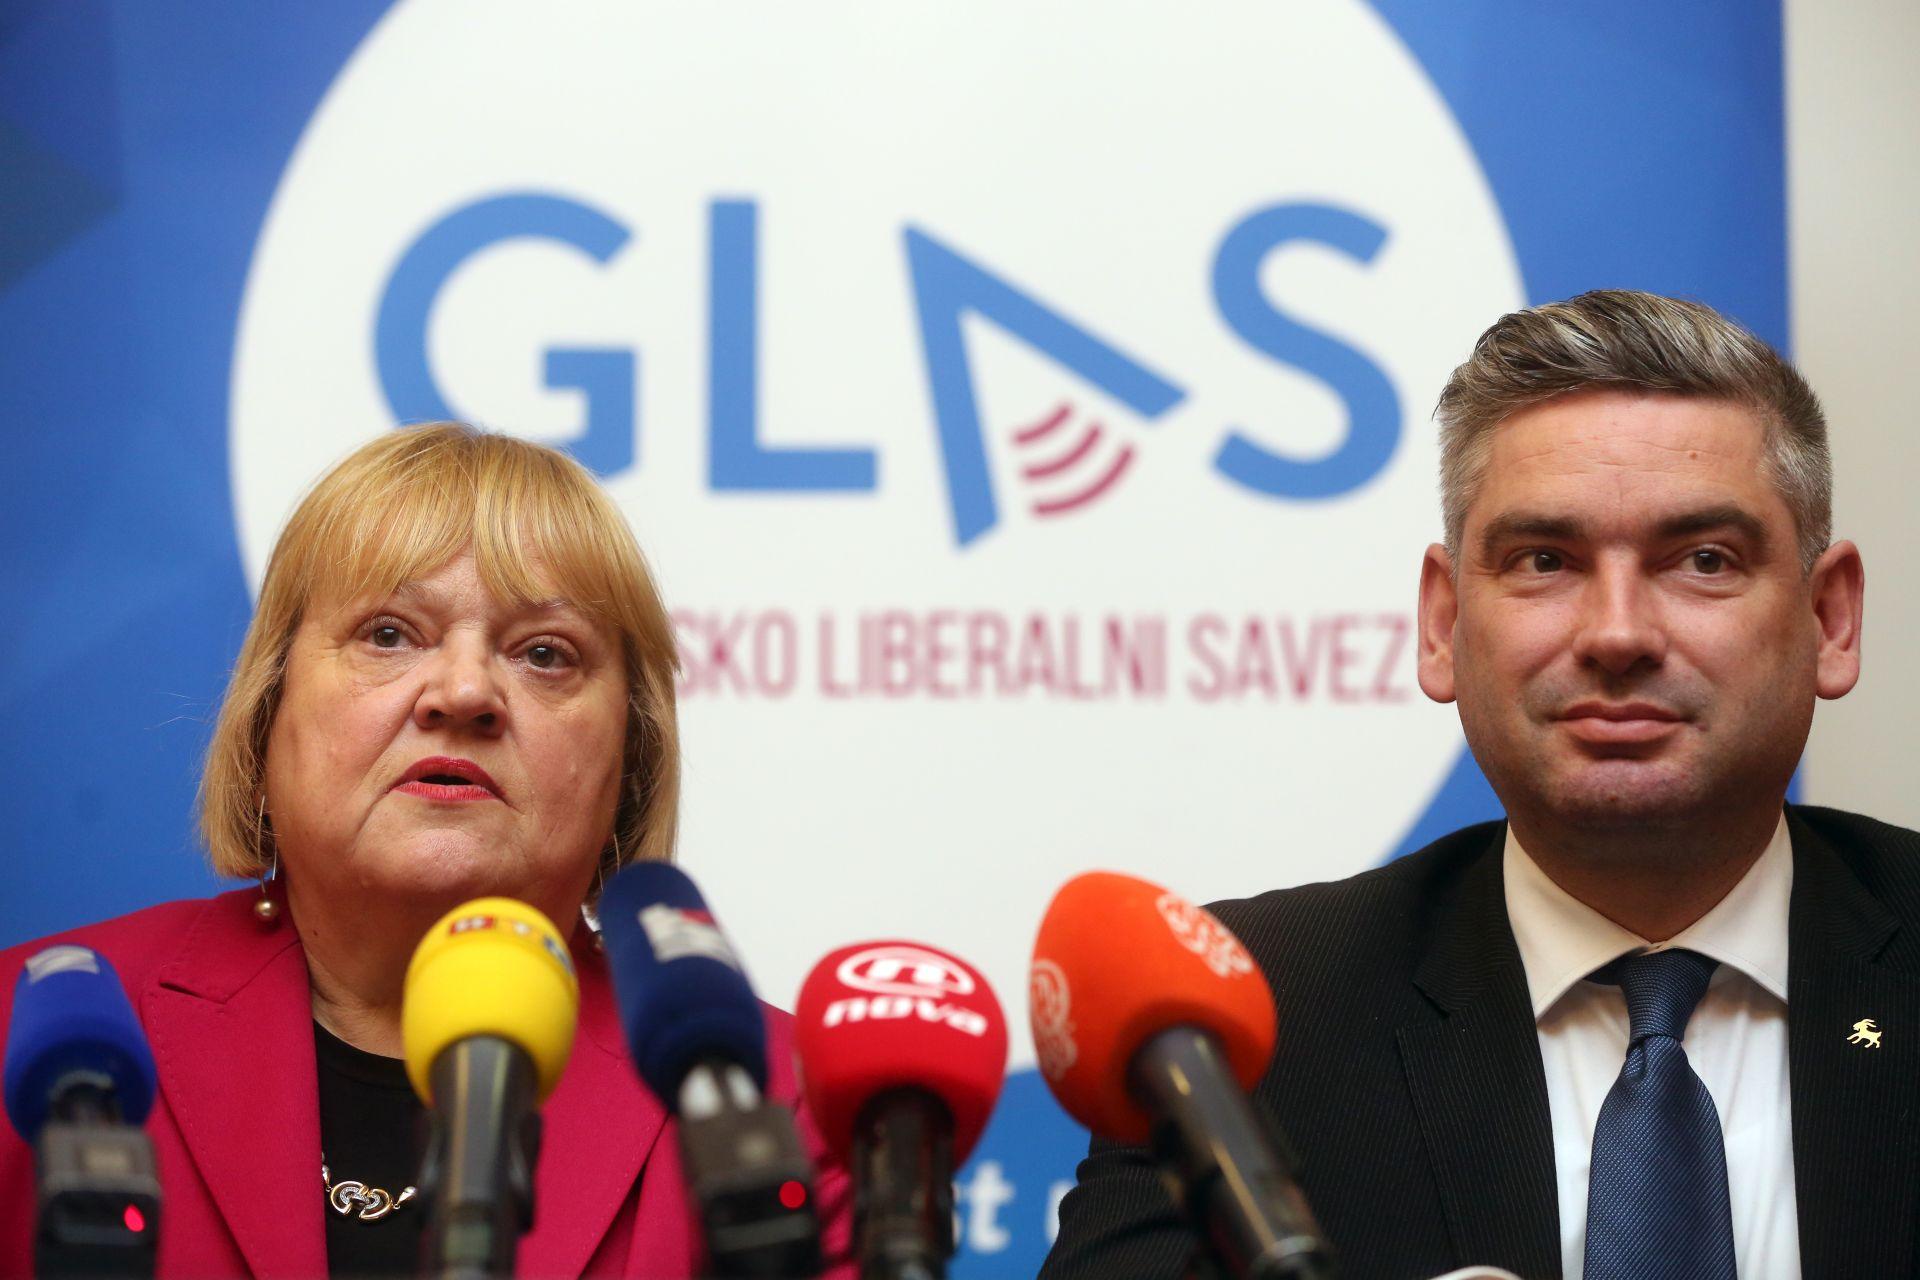 Mrak Taritaš: Cilj nam je država temeljena na liberalnoj demokraciji